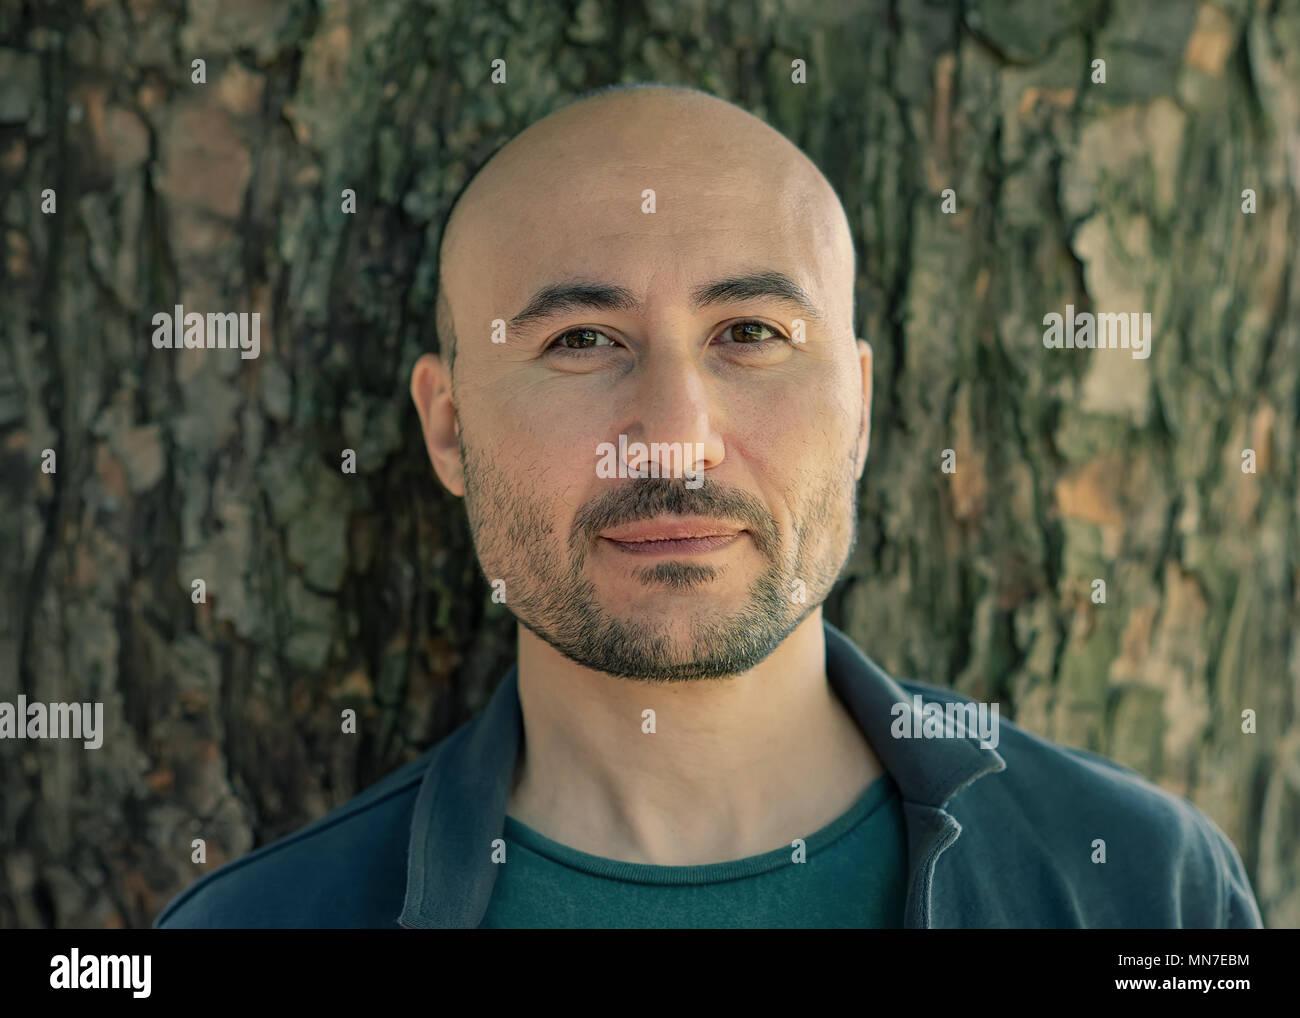 Gesicht eines bärtigen ernste glatzköpfige Mann im Park. Porträt ein Mann mittleren Alters. Stockfoto